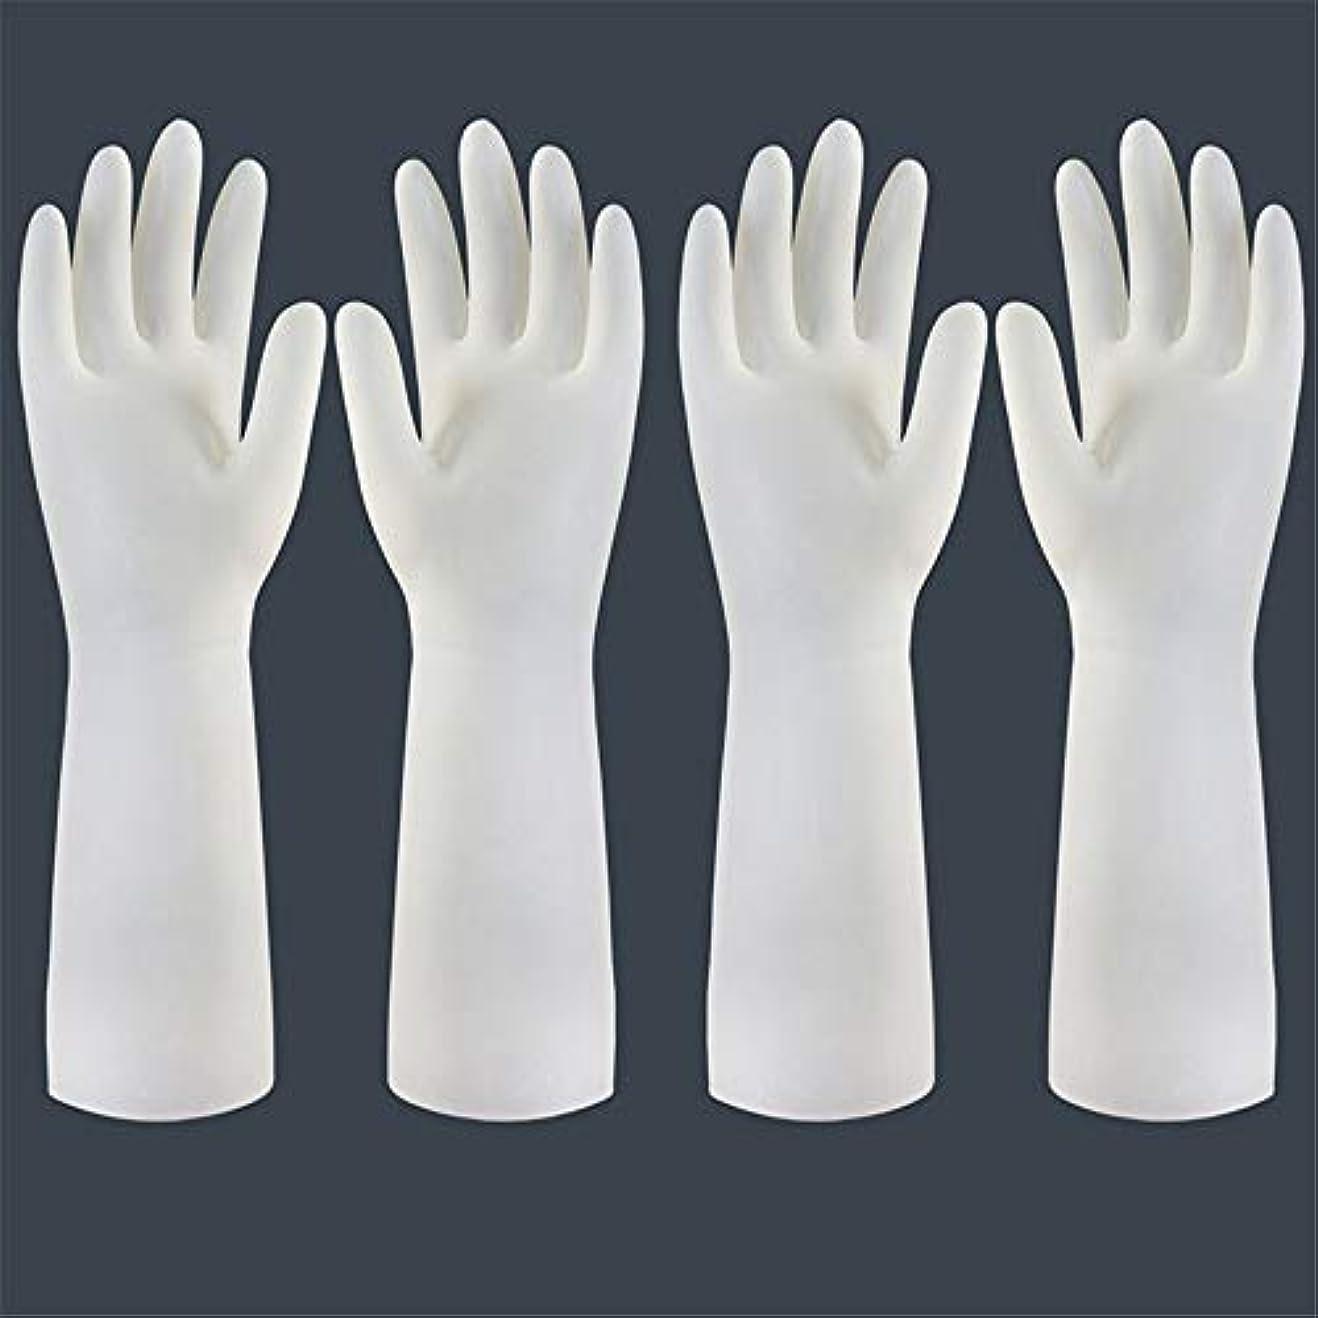 曲ディレクター接続詞使い捨て手袋 使い捨て手袋の防水および耐久のゴム製台所手袋、小/中/大 ニトリルゴム手袋 (Color : Long-2 pair, Size : S)